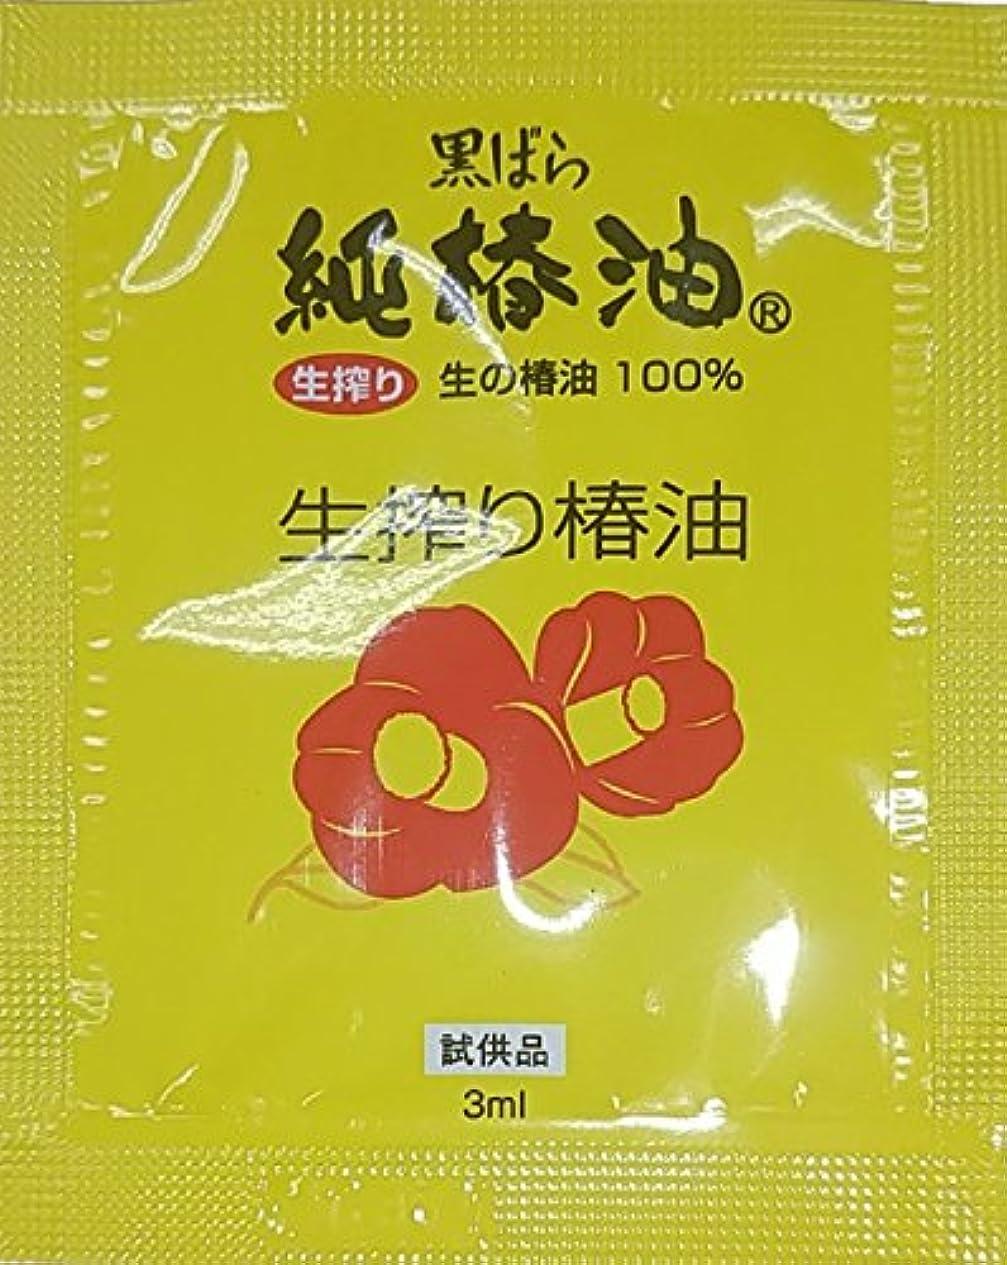 持参共感する規則性純椿油ミニサイズ3ml【実質無料サンプルストア対象】